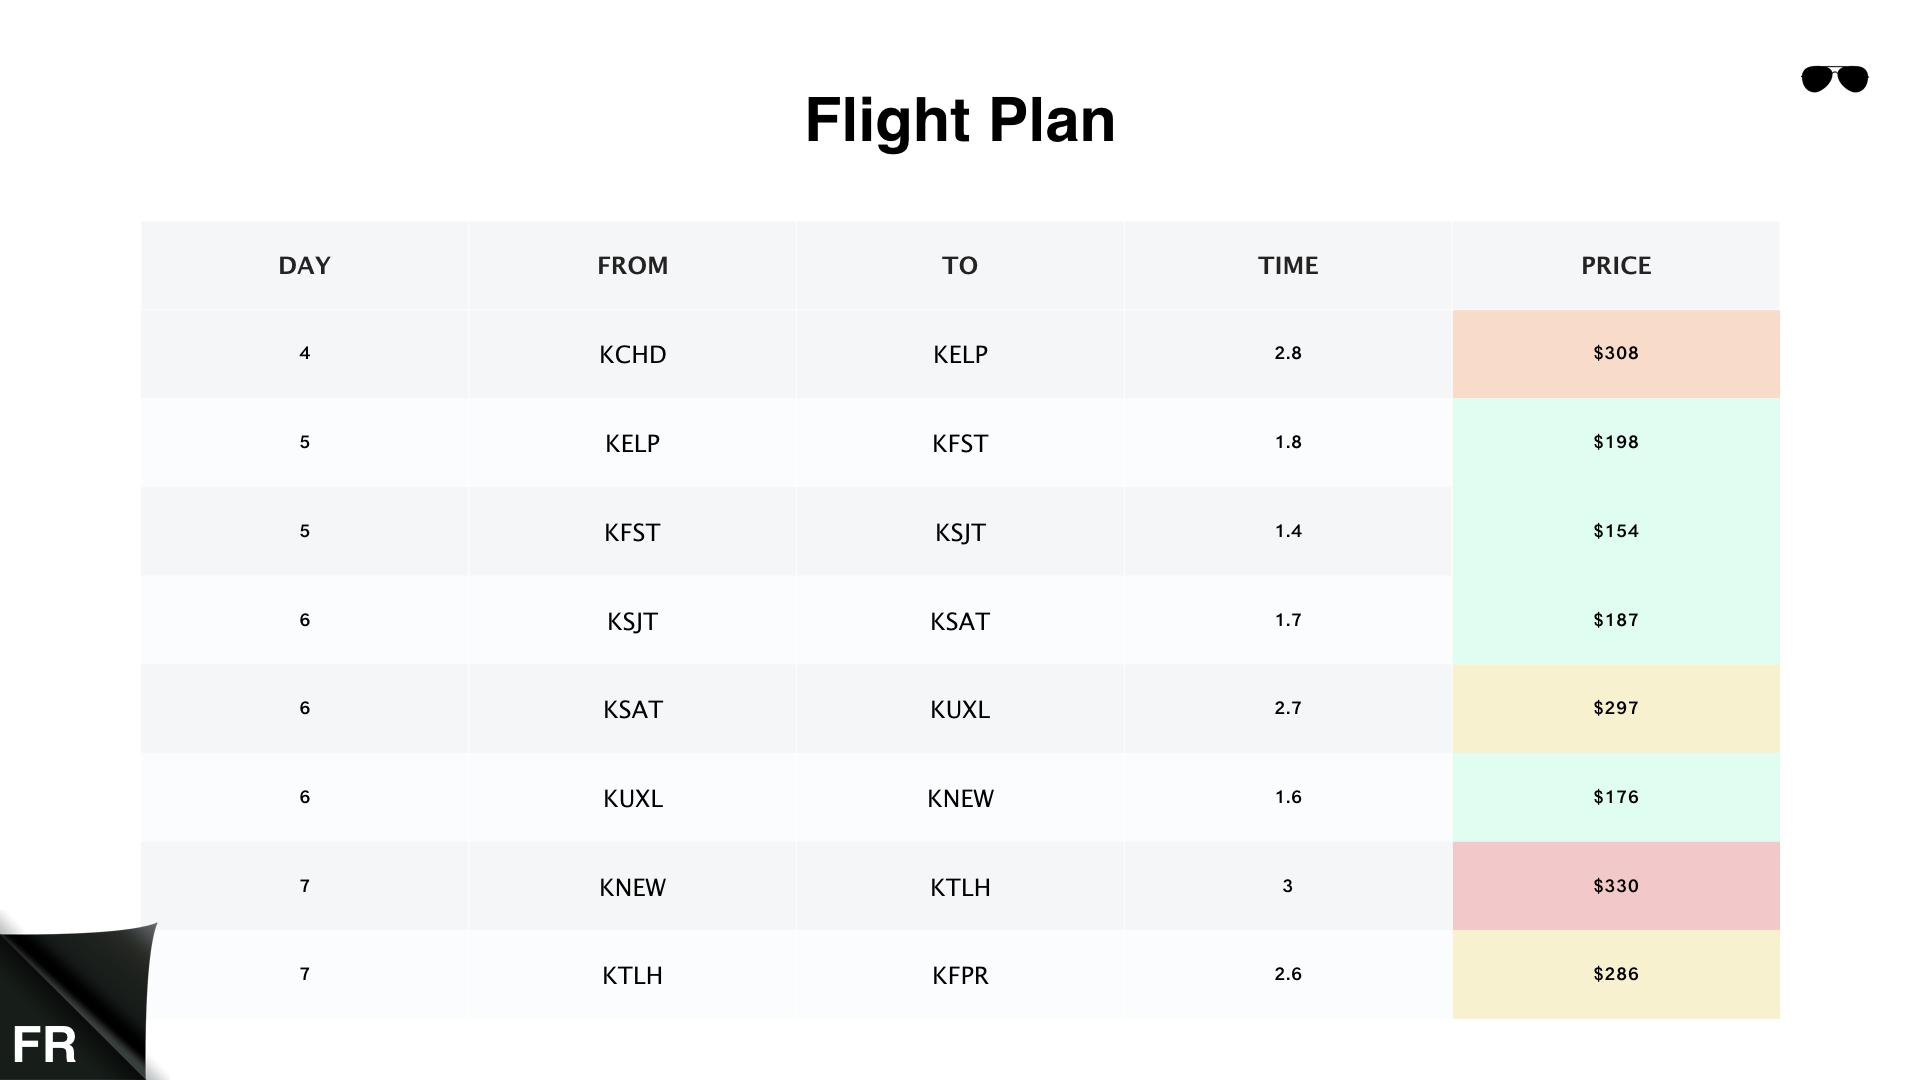 קורס טיס אזרחי תכנית טיסה חזור